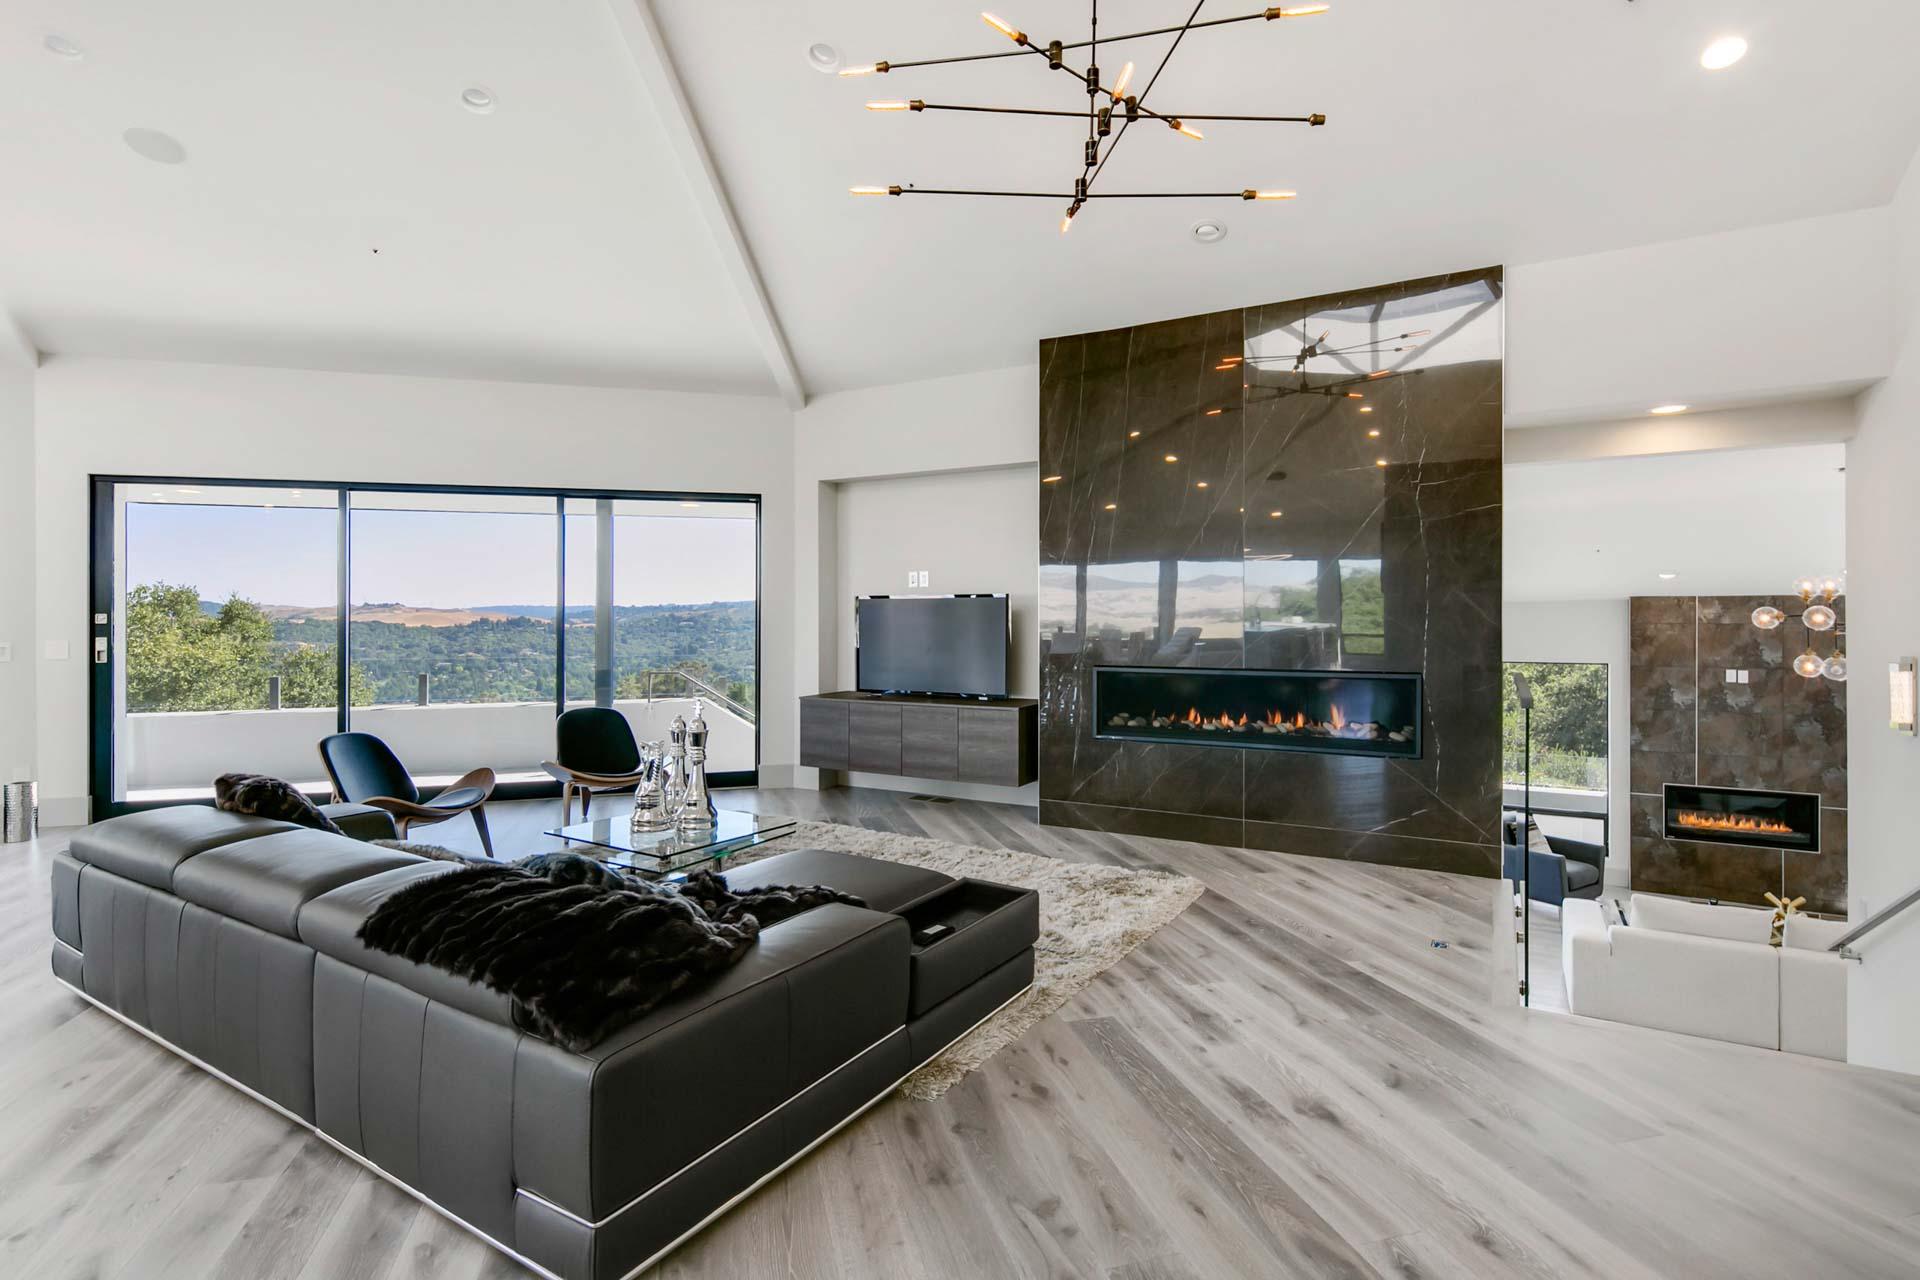 Modern Living Room Feature Wall - HD Wallpaper